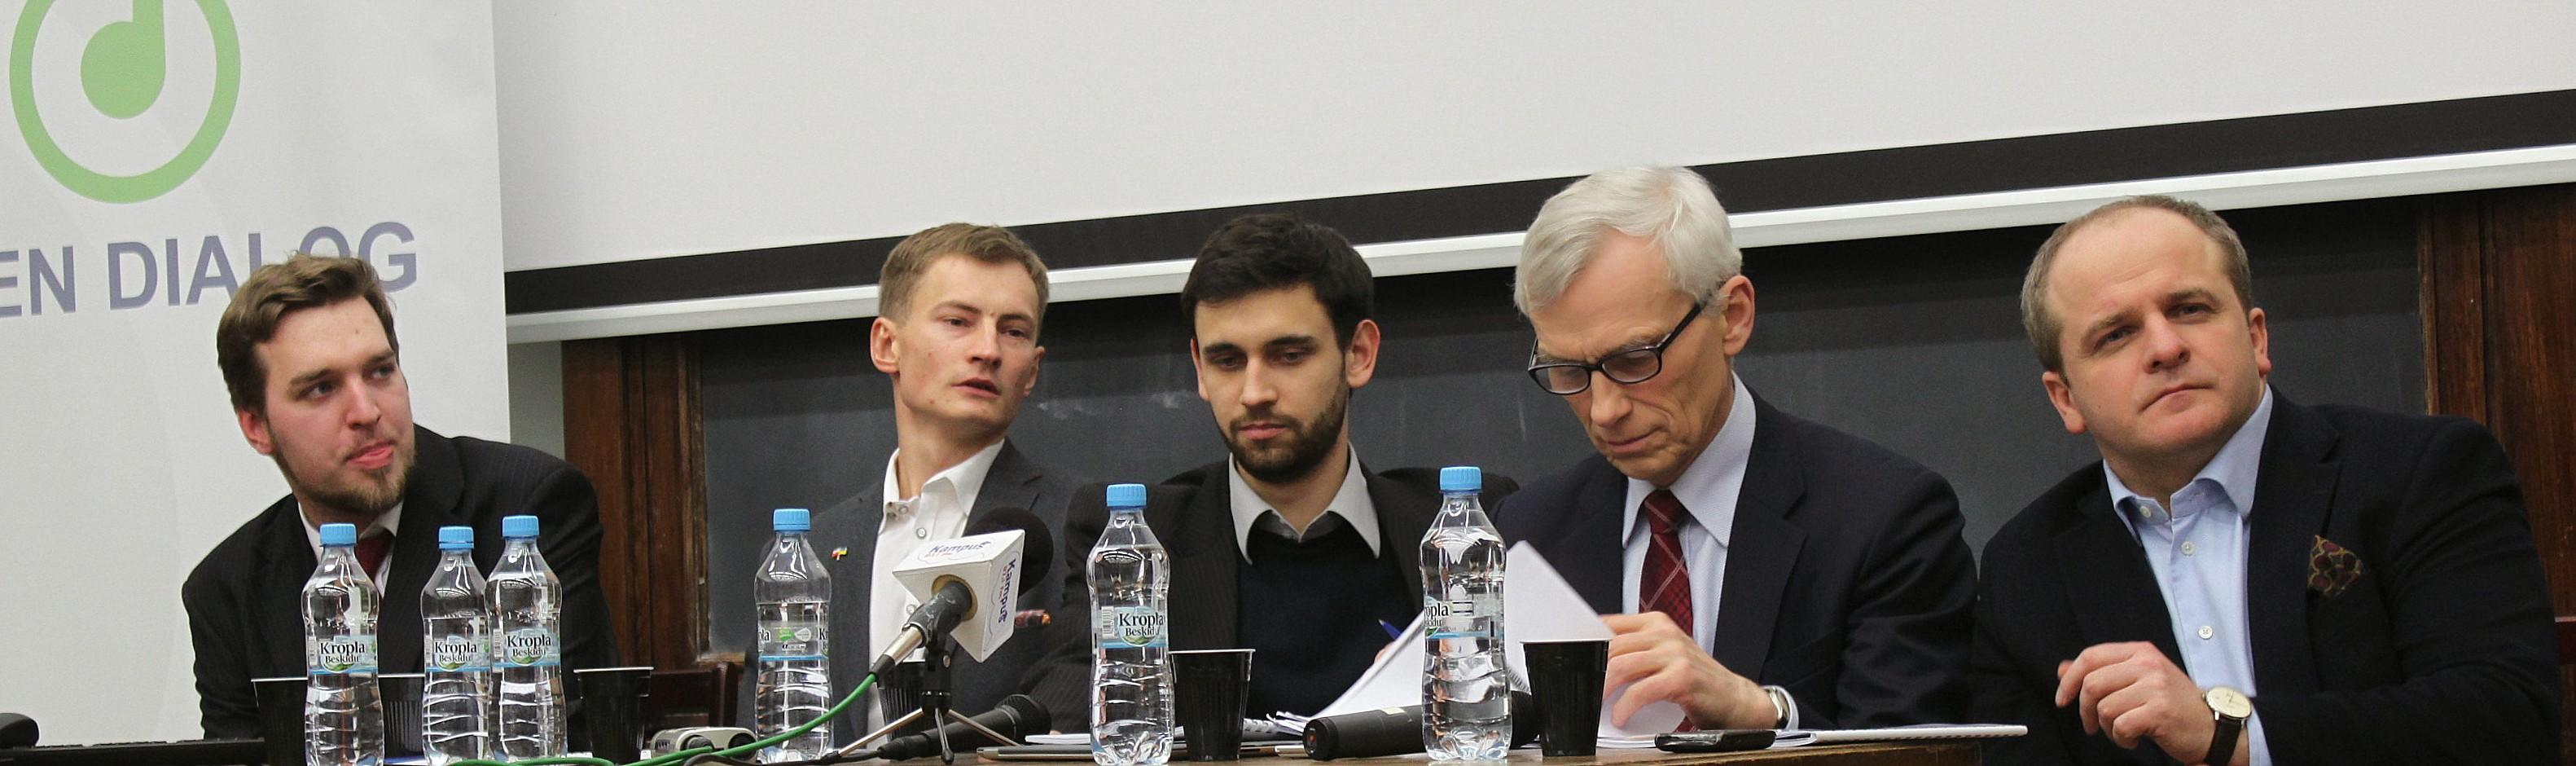 K. Chodkowski, B. Kramek, T. Piechal, M. Święcicki i P. Kowal